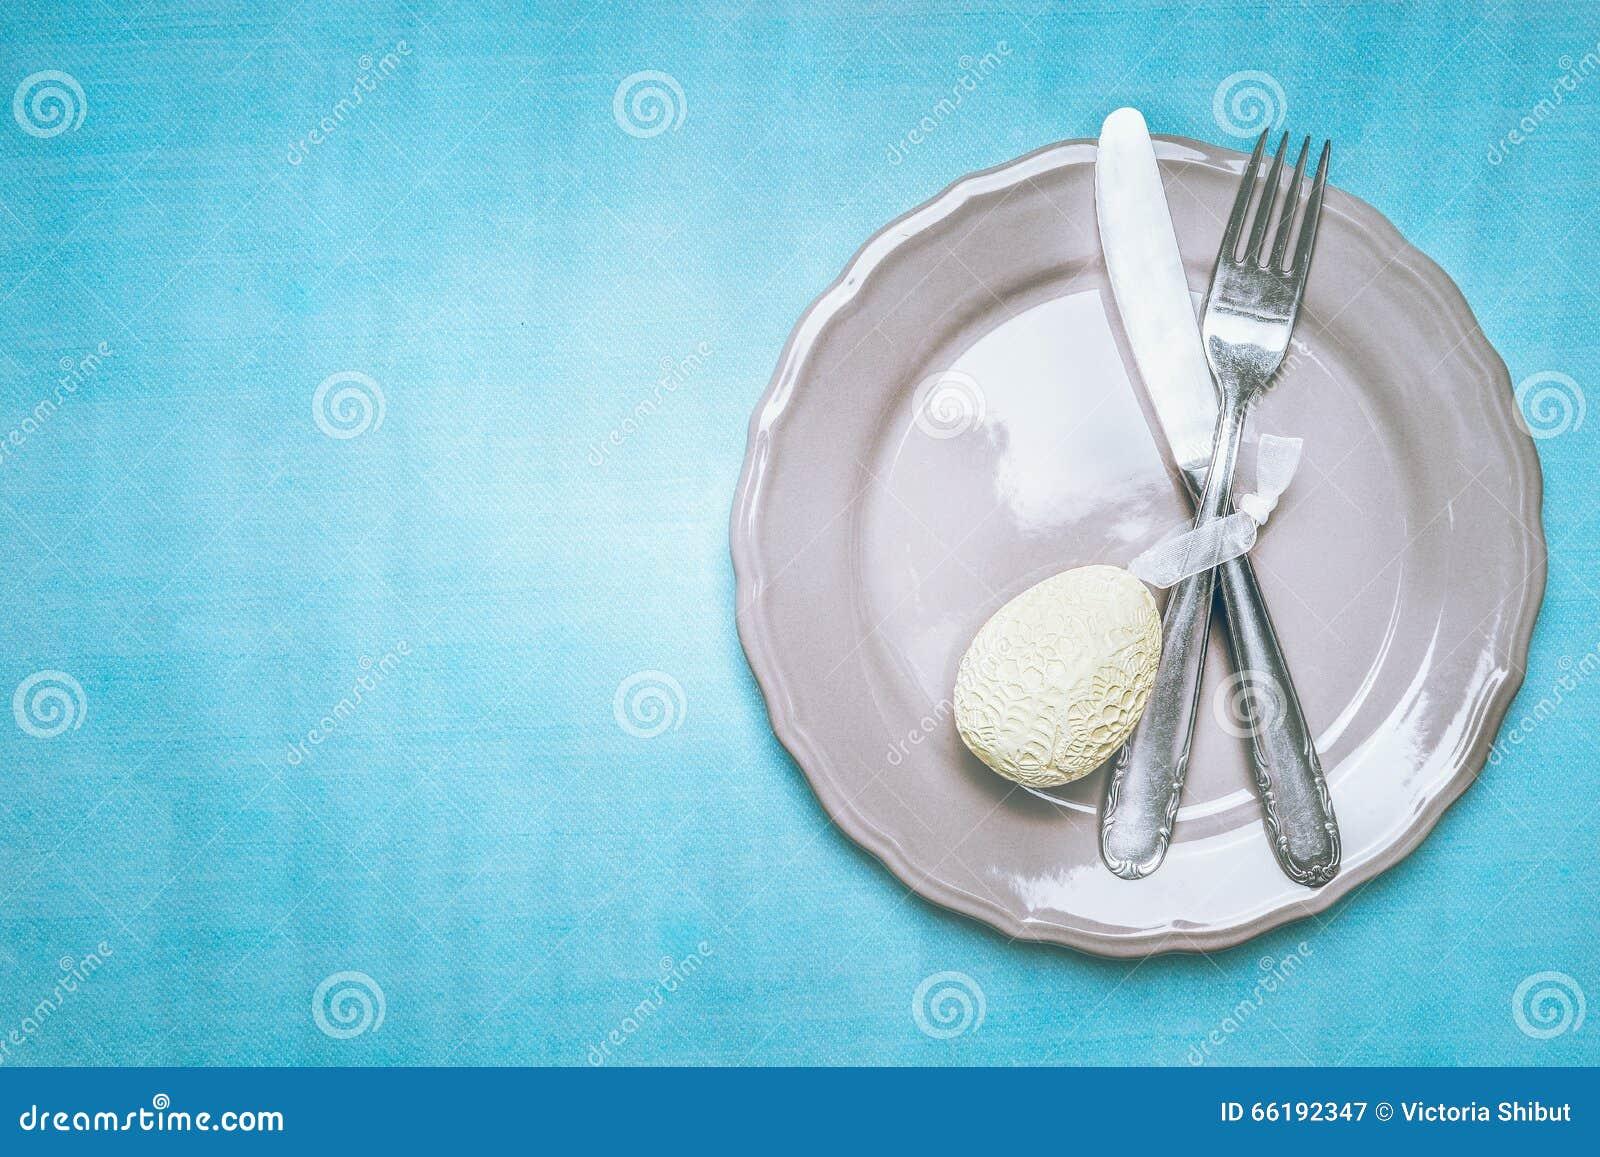 couvert de table de p ques avec le plat les couverts et l 39 oeuf de p ques sur le fond bleu vue. Black Bedroom Furniture Sets. Home Design Ideas